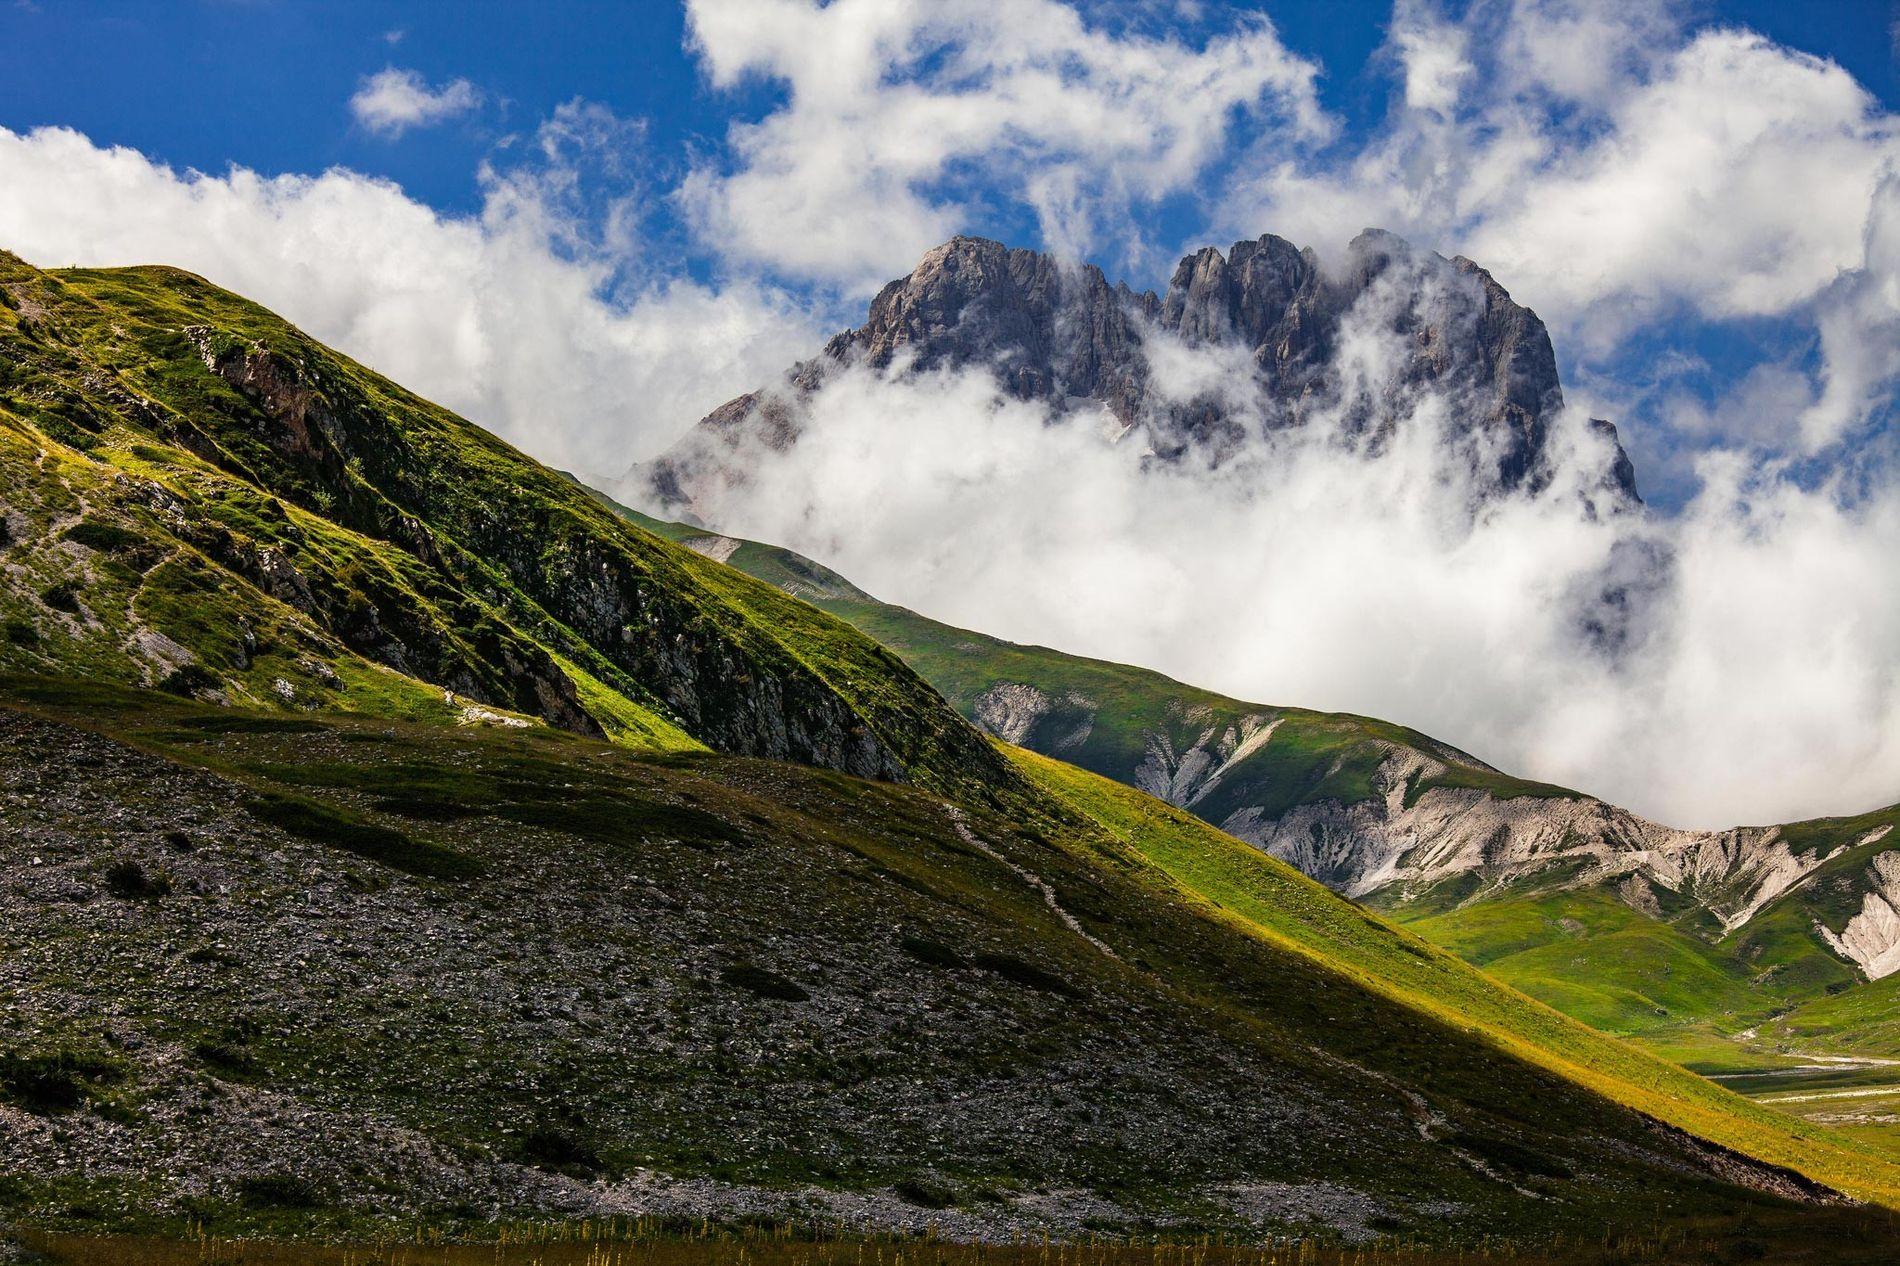 Le Corno Grande transperce les nuages. Ce sommet est le point culminant des Appenins, une chaîne de montagnes du centre de l'Italie qui selon une étude récente des mouvements tectoniques aurait en partie été formée par les vestiges d'un ancien continent baptisé Grand Adria.